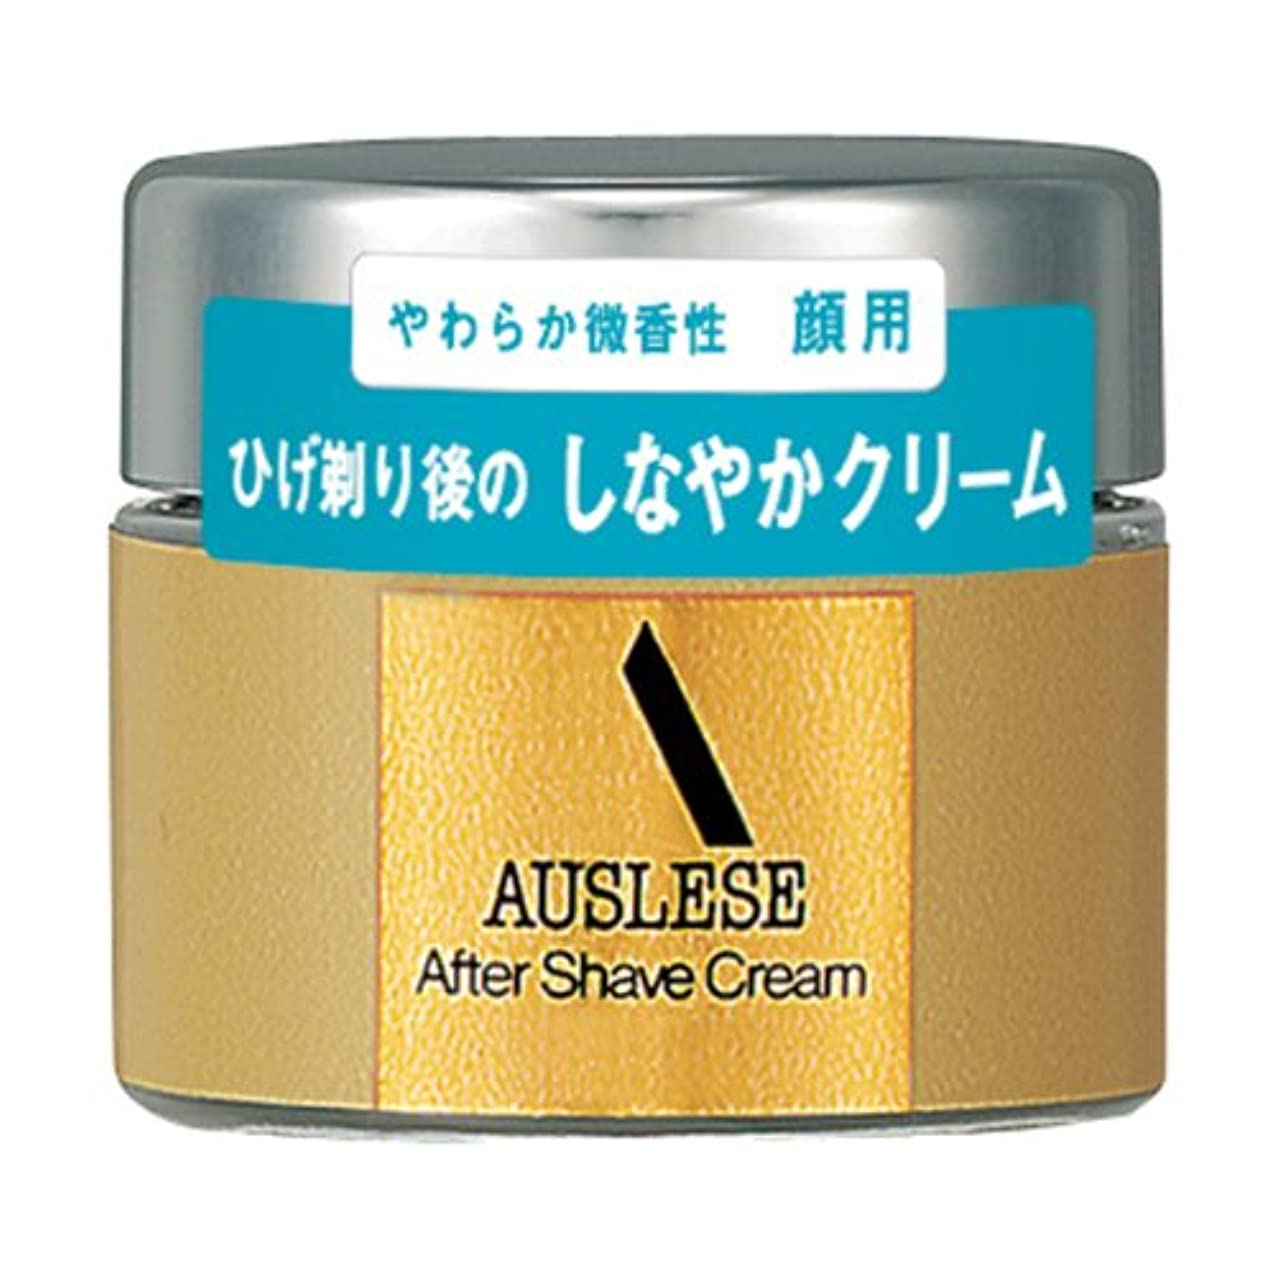 安心災害判決アウスレーゼ アフターシェーブクリームNA 30g 【医薬部外品】